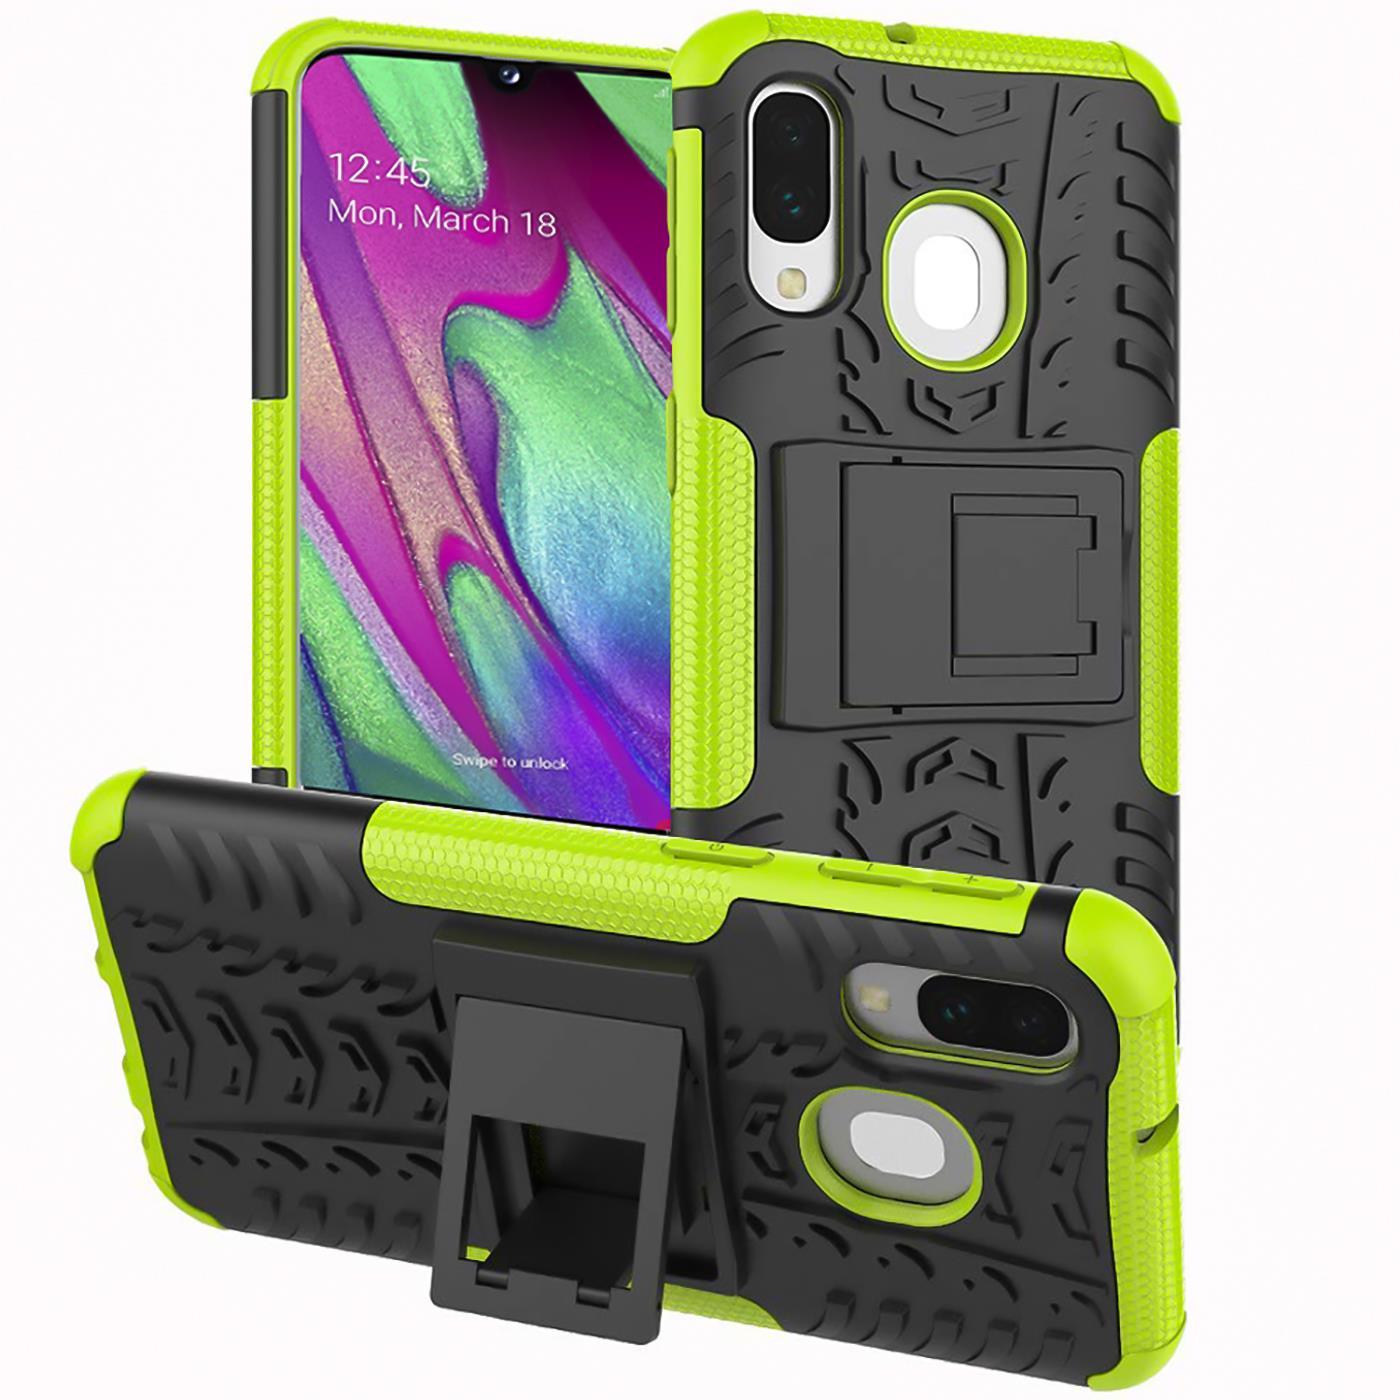 Schutzhuelle-Samsung-Galaxy-A20e-Handy-Tasche-Schutz-Huelle-Hybrid-Panzer-Case Indexbild 11